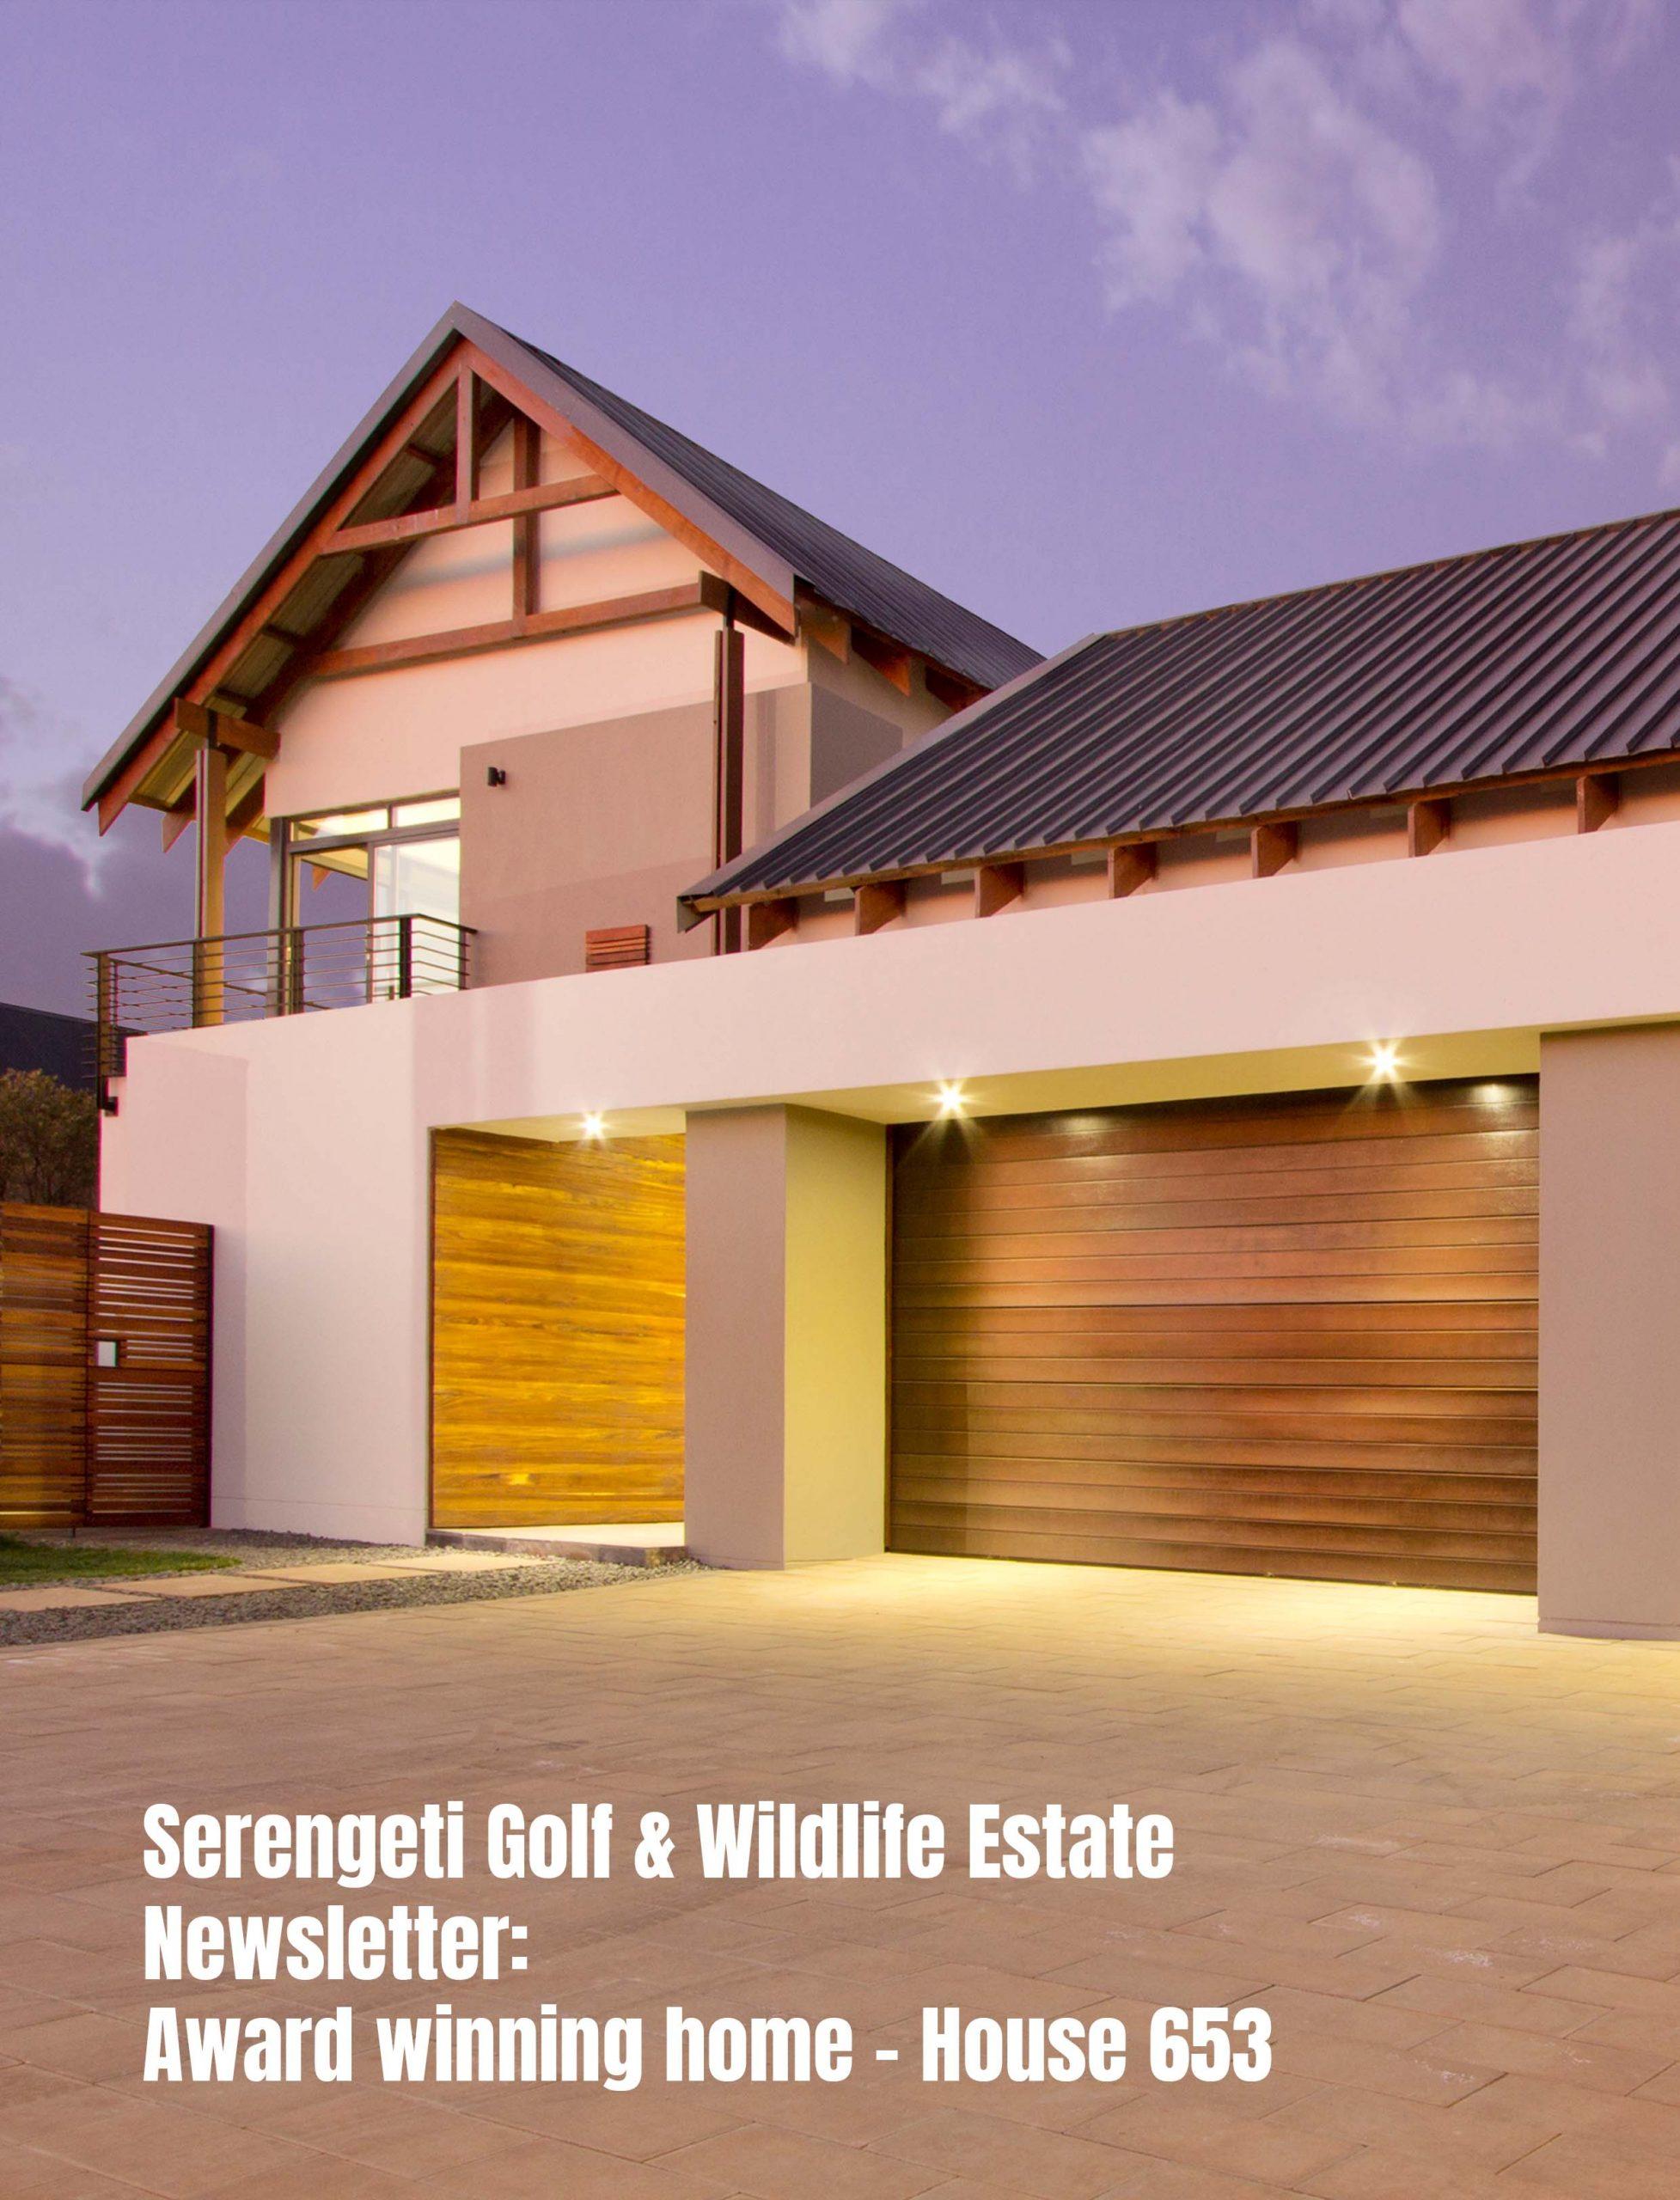 Serengeti Newsletter